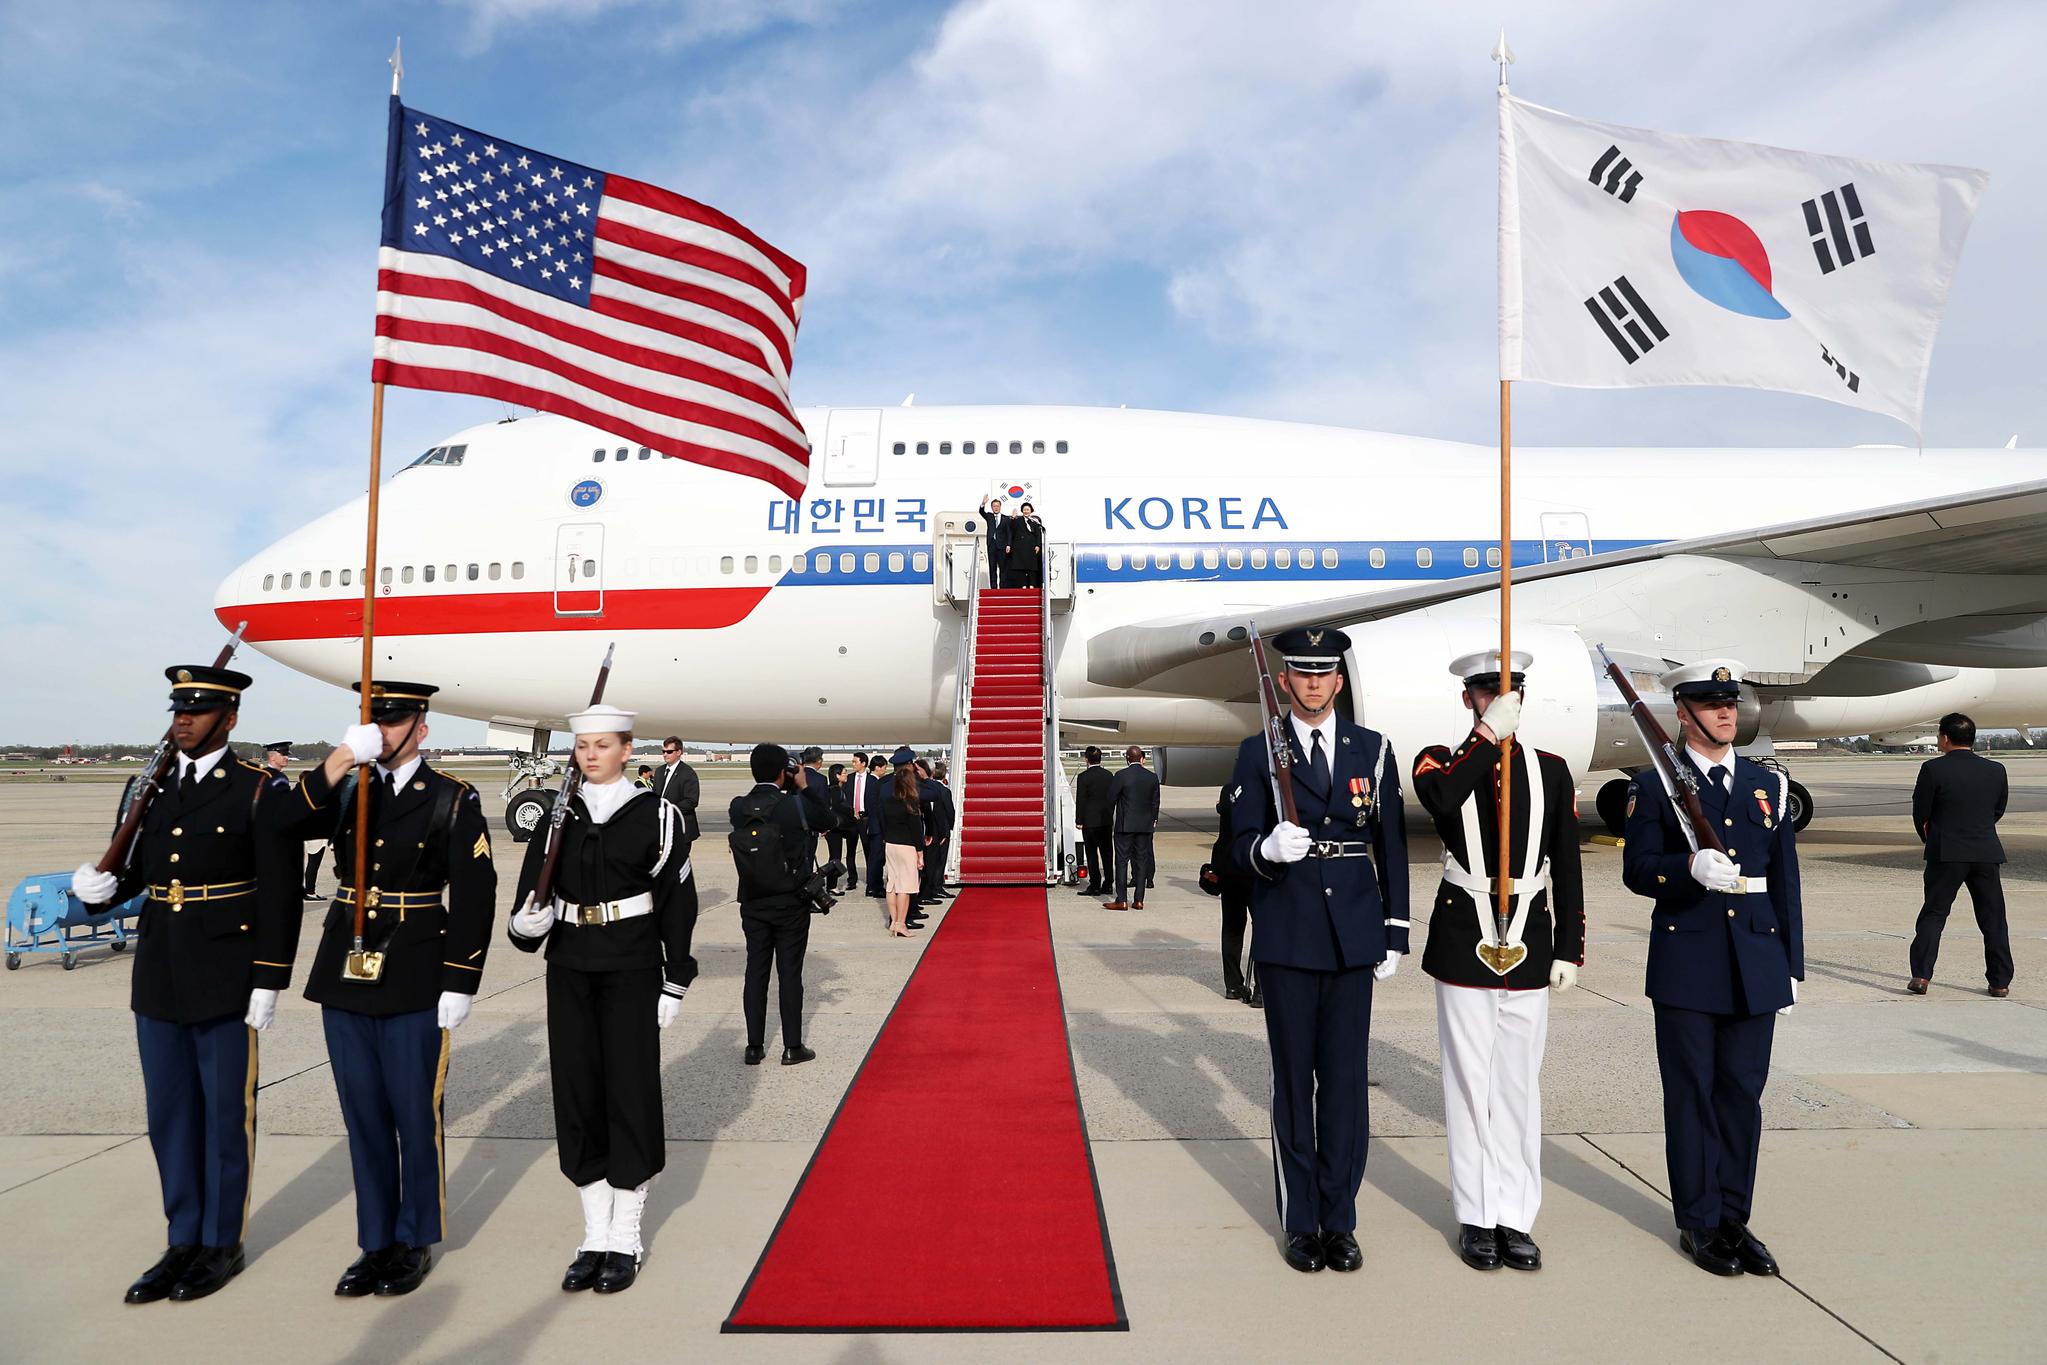 문재인 대통령이 한미정상회담을 위해 11일 오전(현지시간) 미국 앤드루스공항에 도착해 인사하고 있다. 사진 오른쪽 위 의장대의 태극기 파란색 부분이 하늘색이다. 강정현 기자